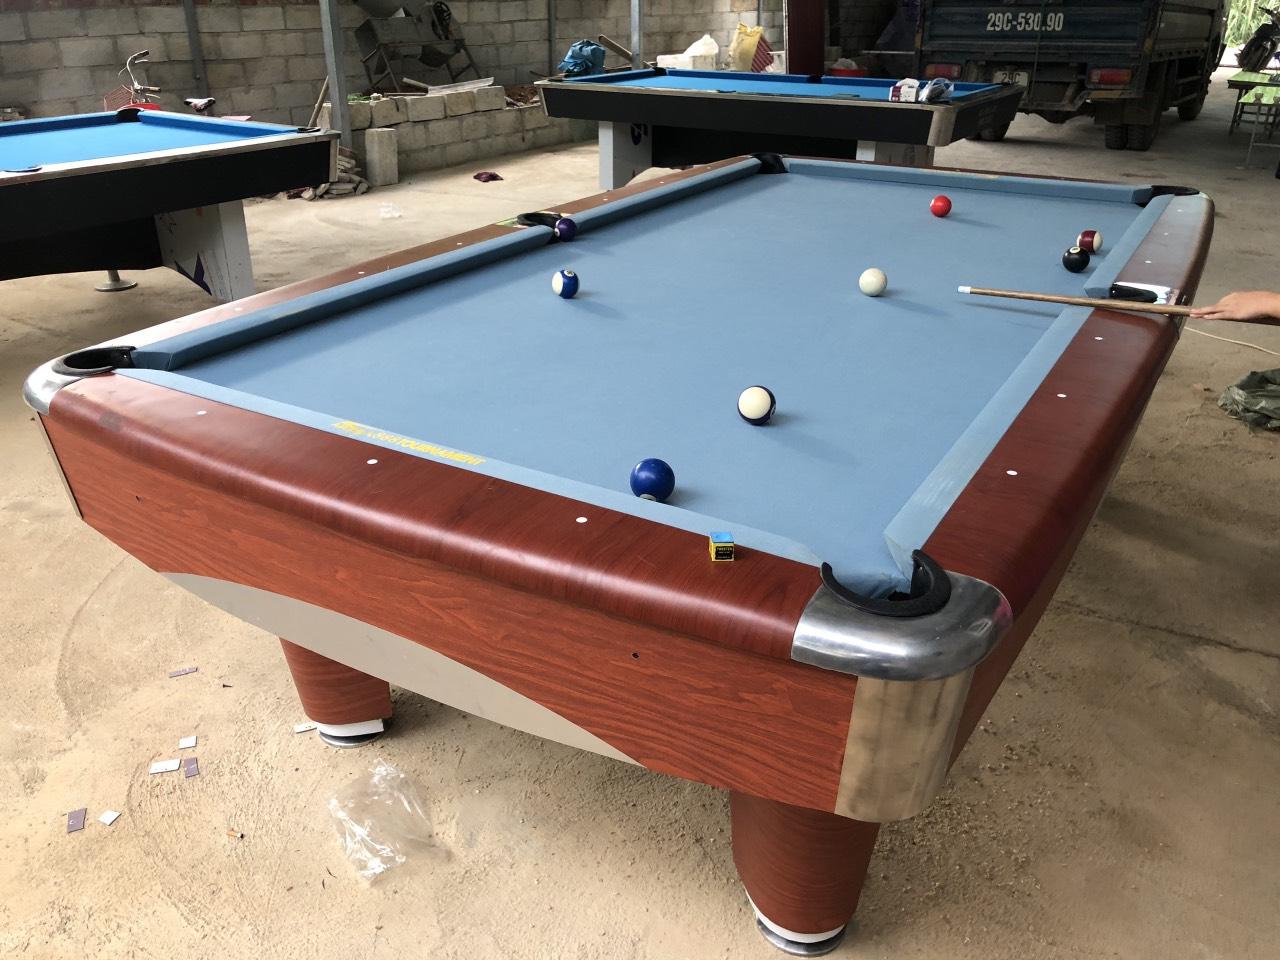 Billiards Hoàn Thúy lắp đặt thêm 3 bàn 9017, 9018 tại Tà Lùng, Cao Bằng